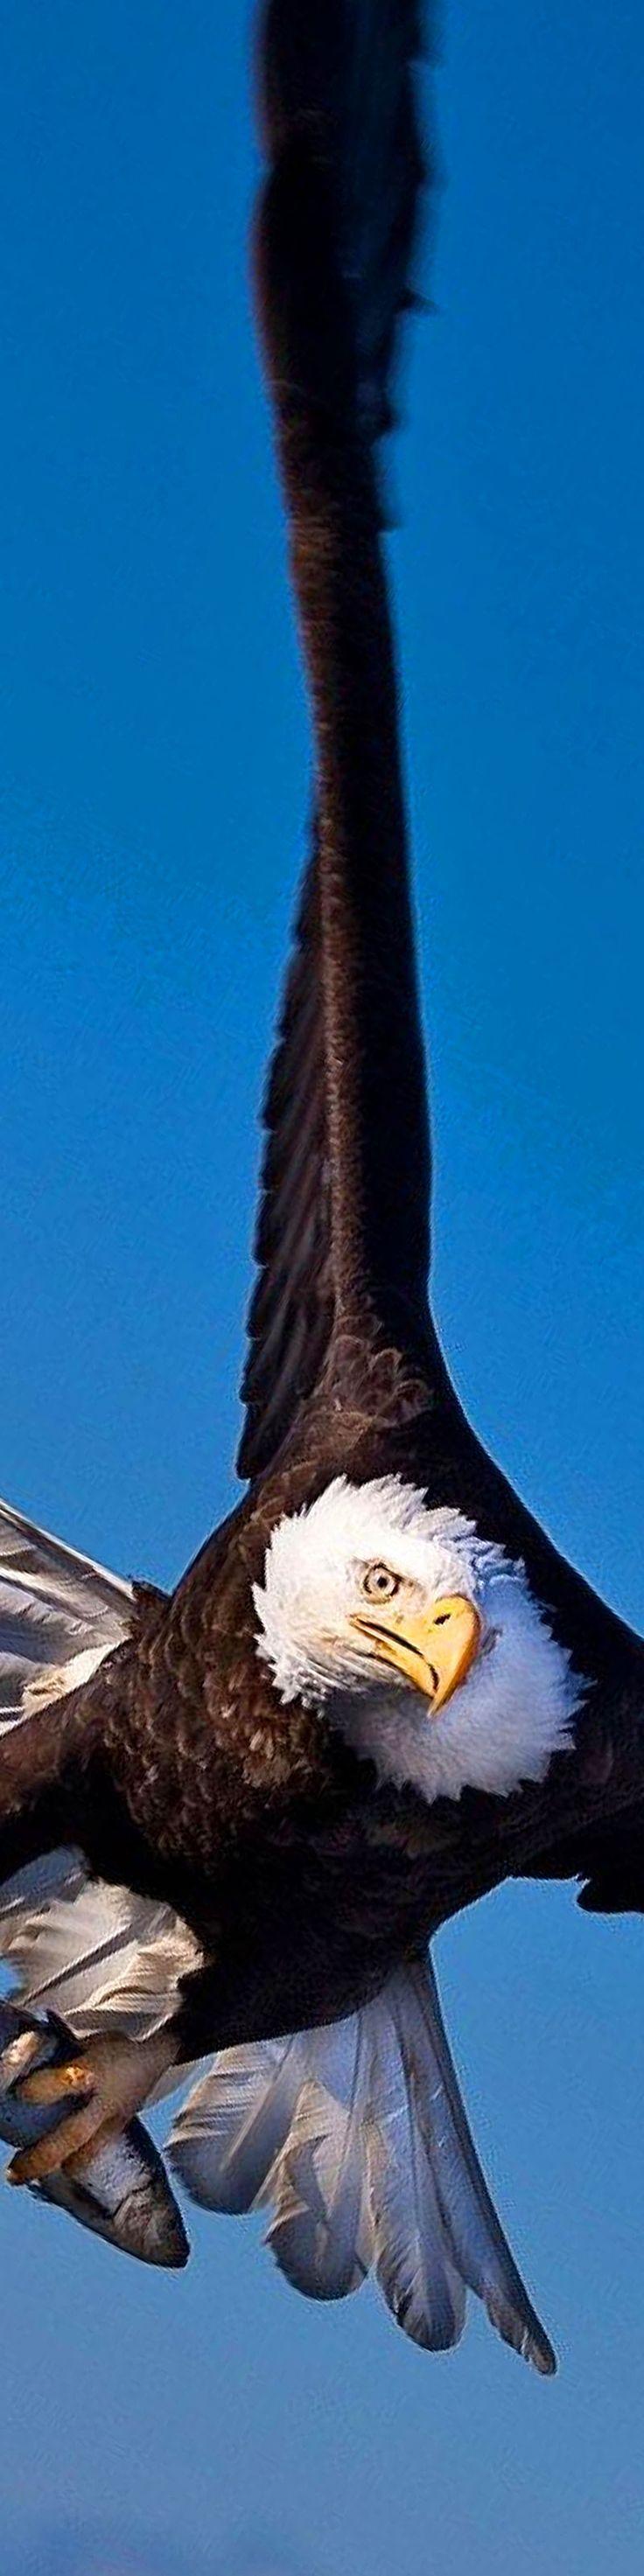 best 25 eagle in flight ideas on pinterest